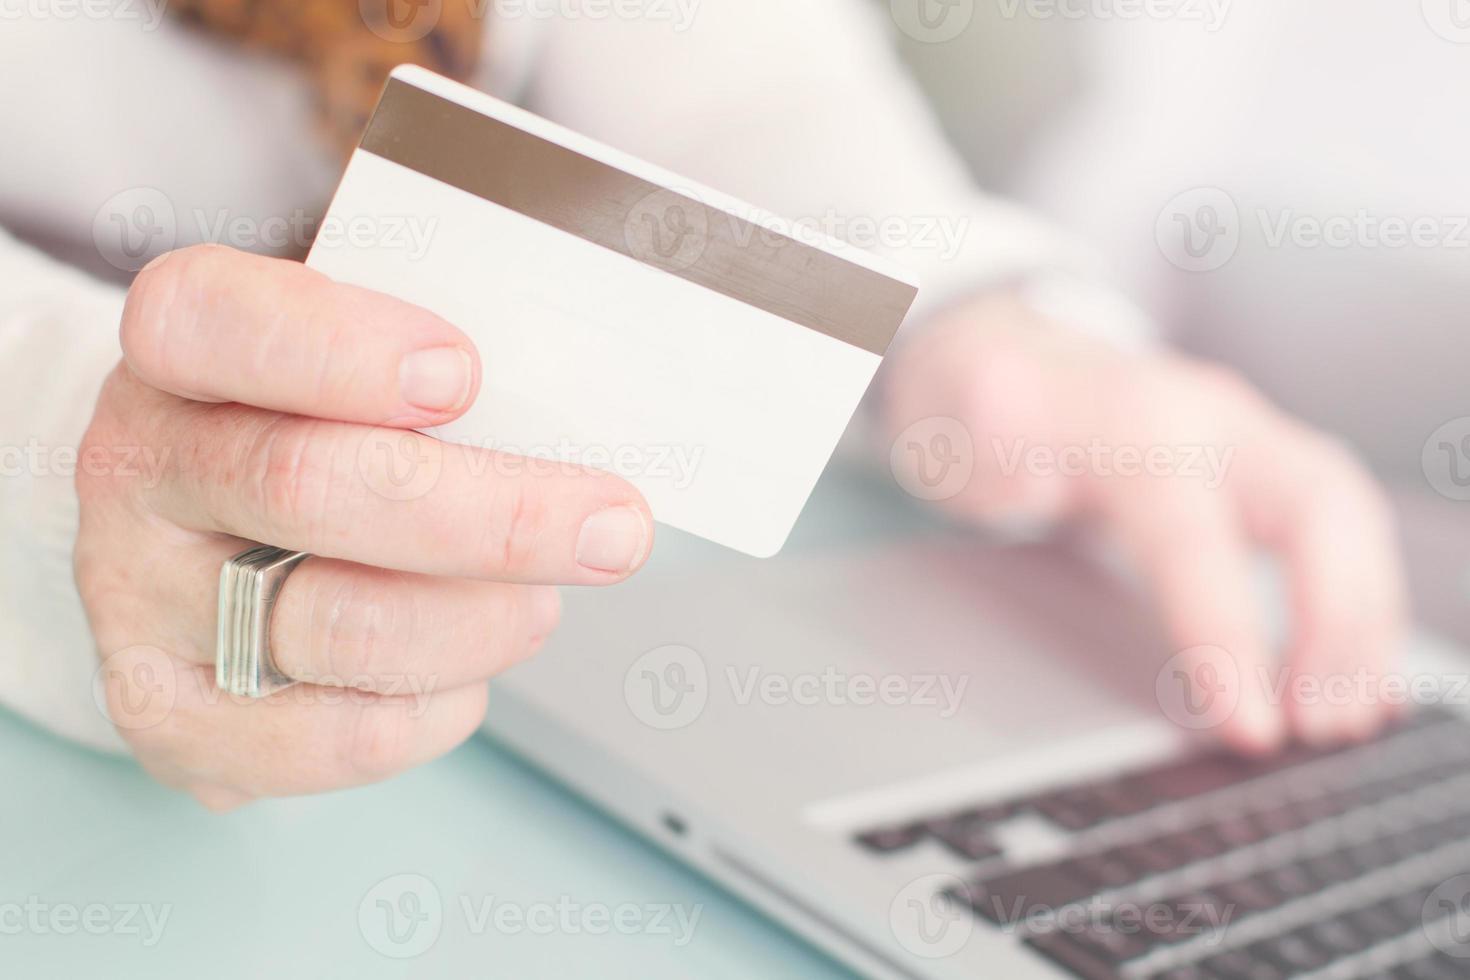 pagando compras online foto